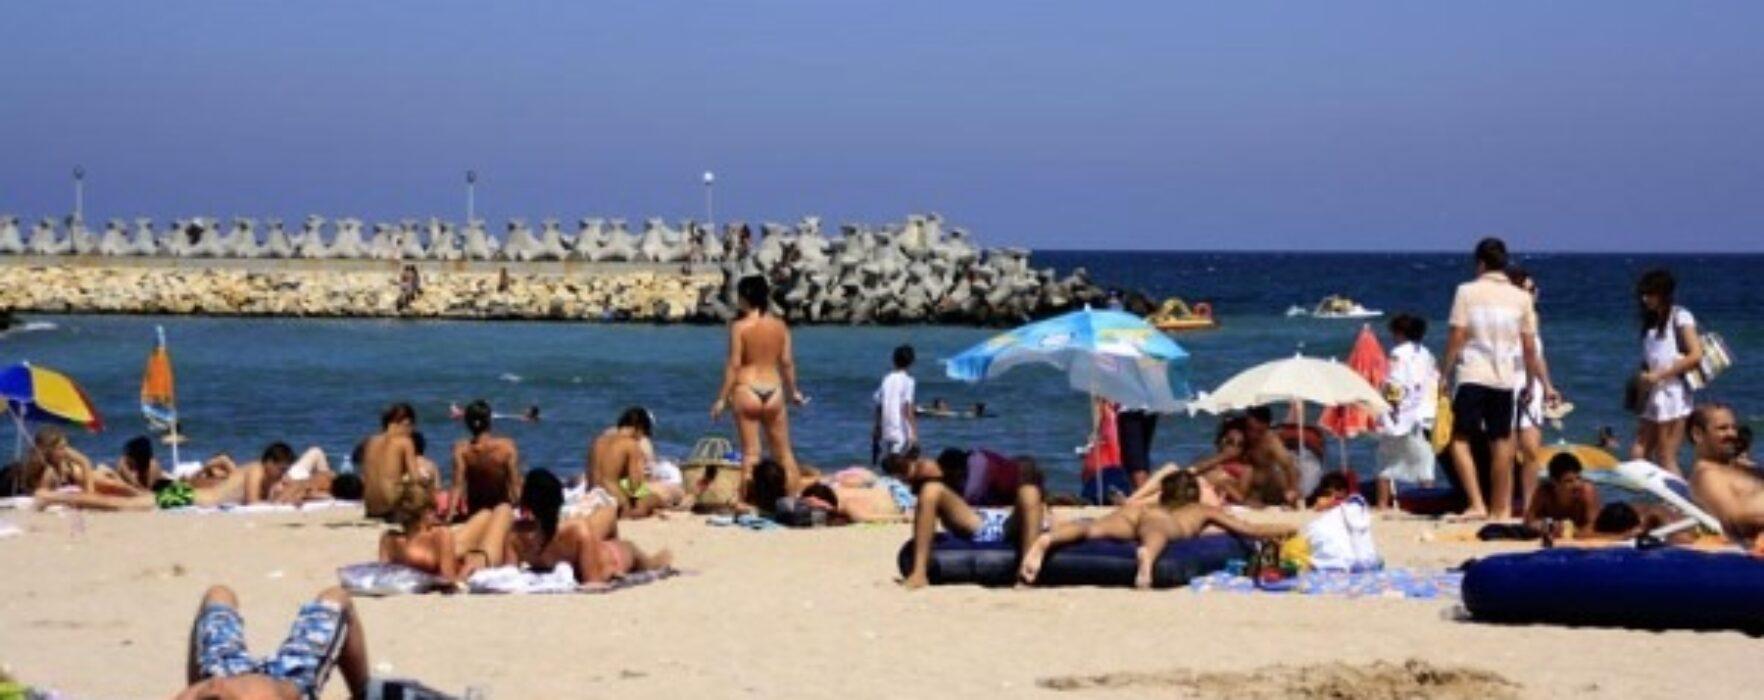 Tânăr din Dâmboviţa infectat cu COVID-19, în vacanţă la mare. Zeci de tineri au intrat în carantină